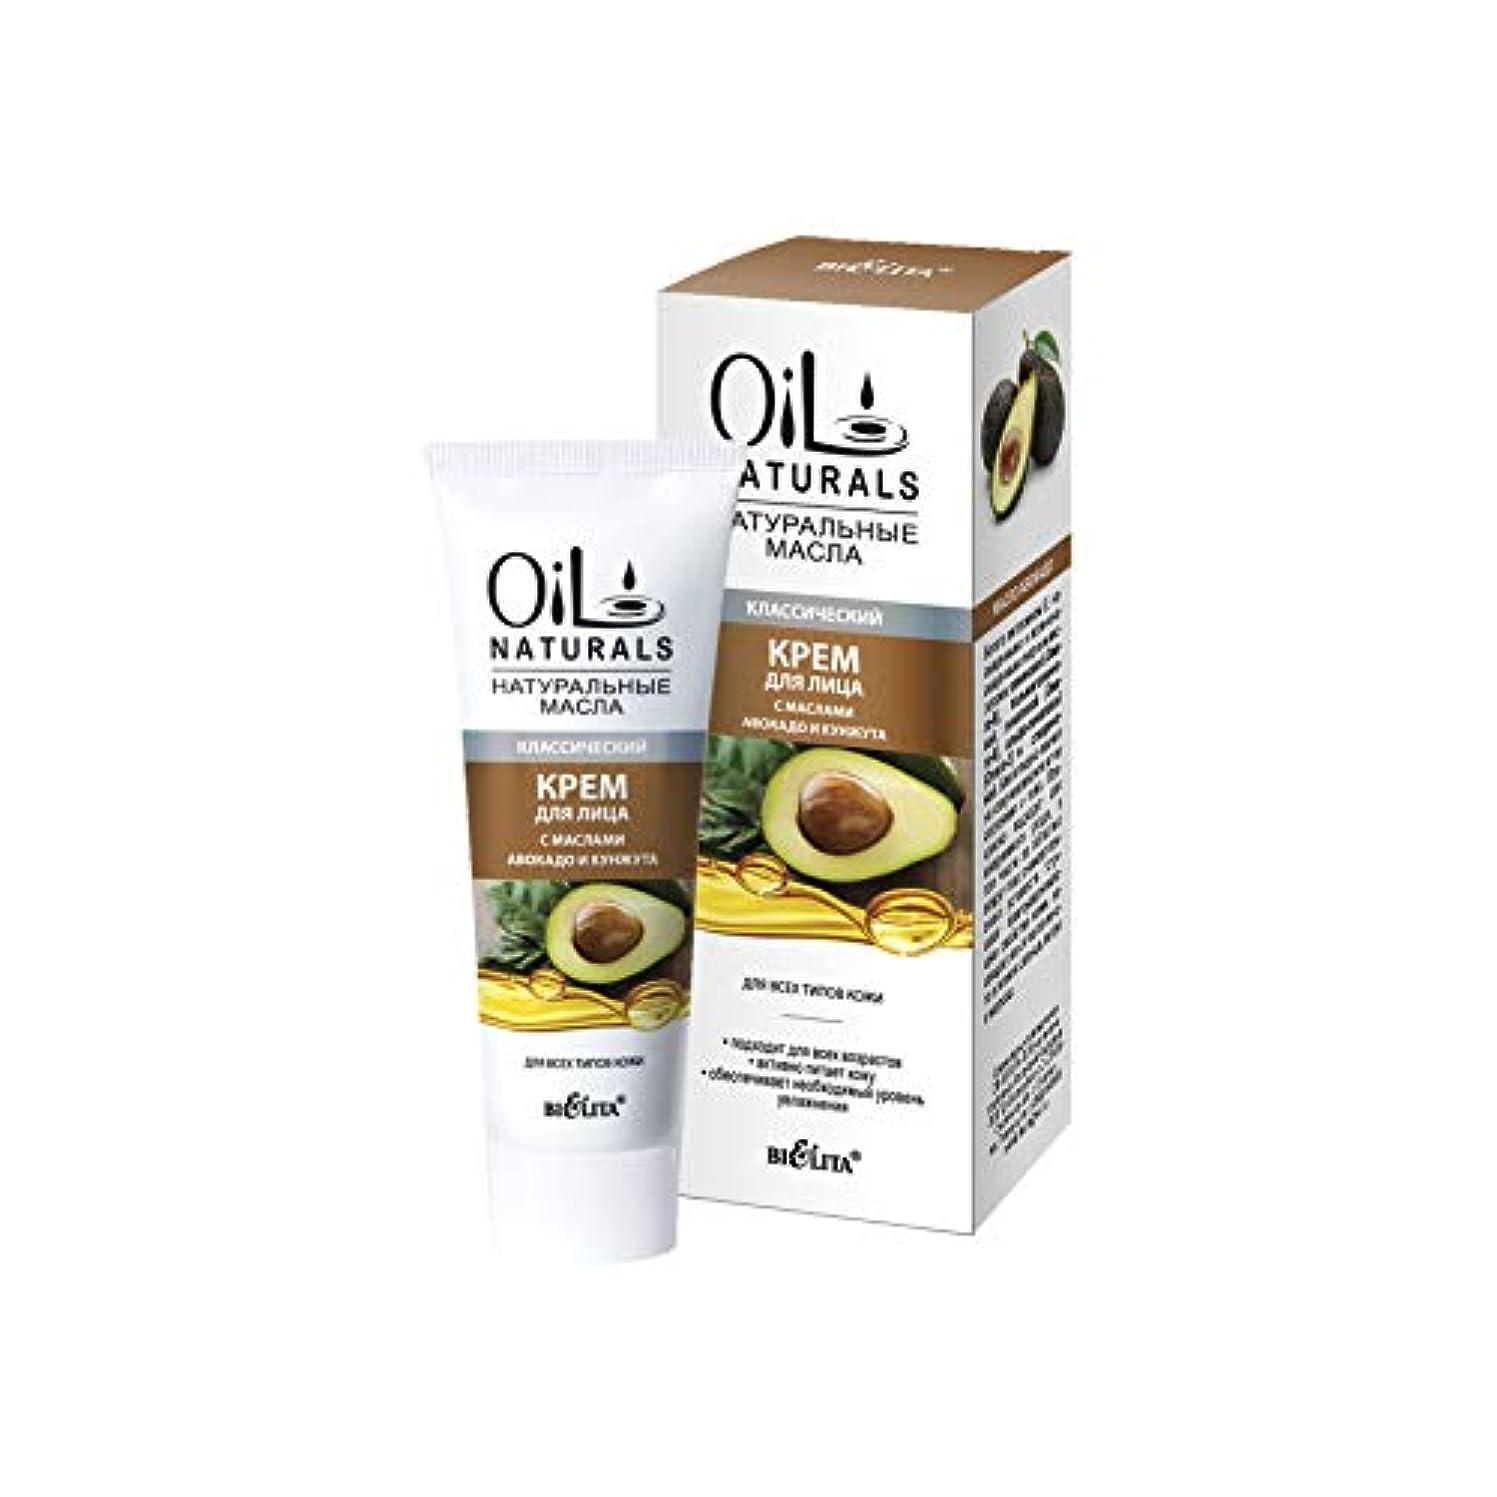 陰気セージ等Bielita & Vitex |Oil Naturals Line | Classic Moisturizing Face Cream, for All Skin Types, 50 ml | Avocado Oil,...